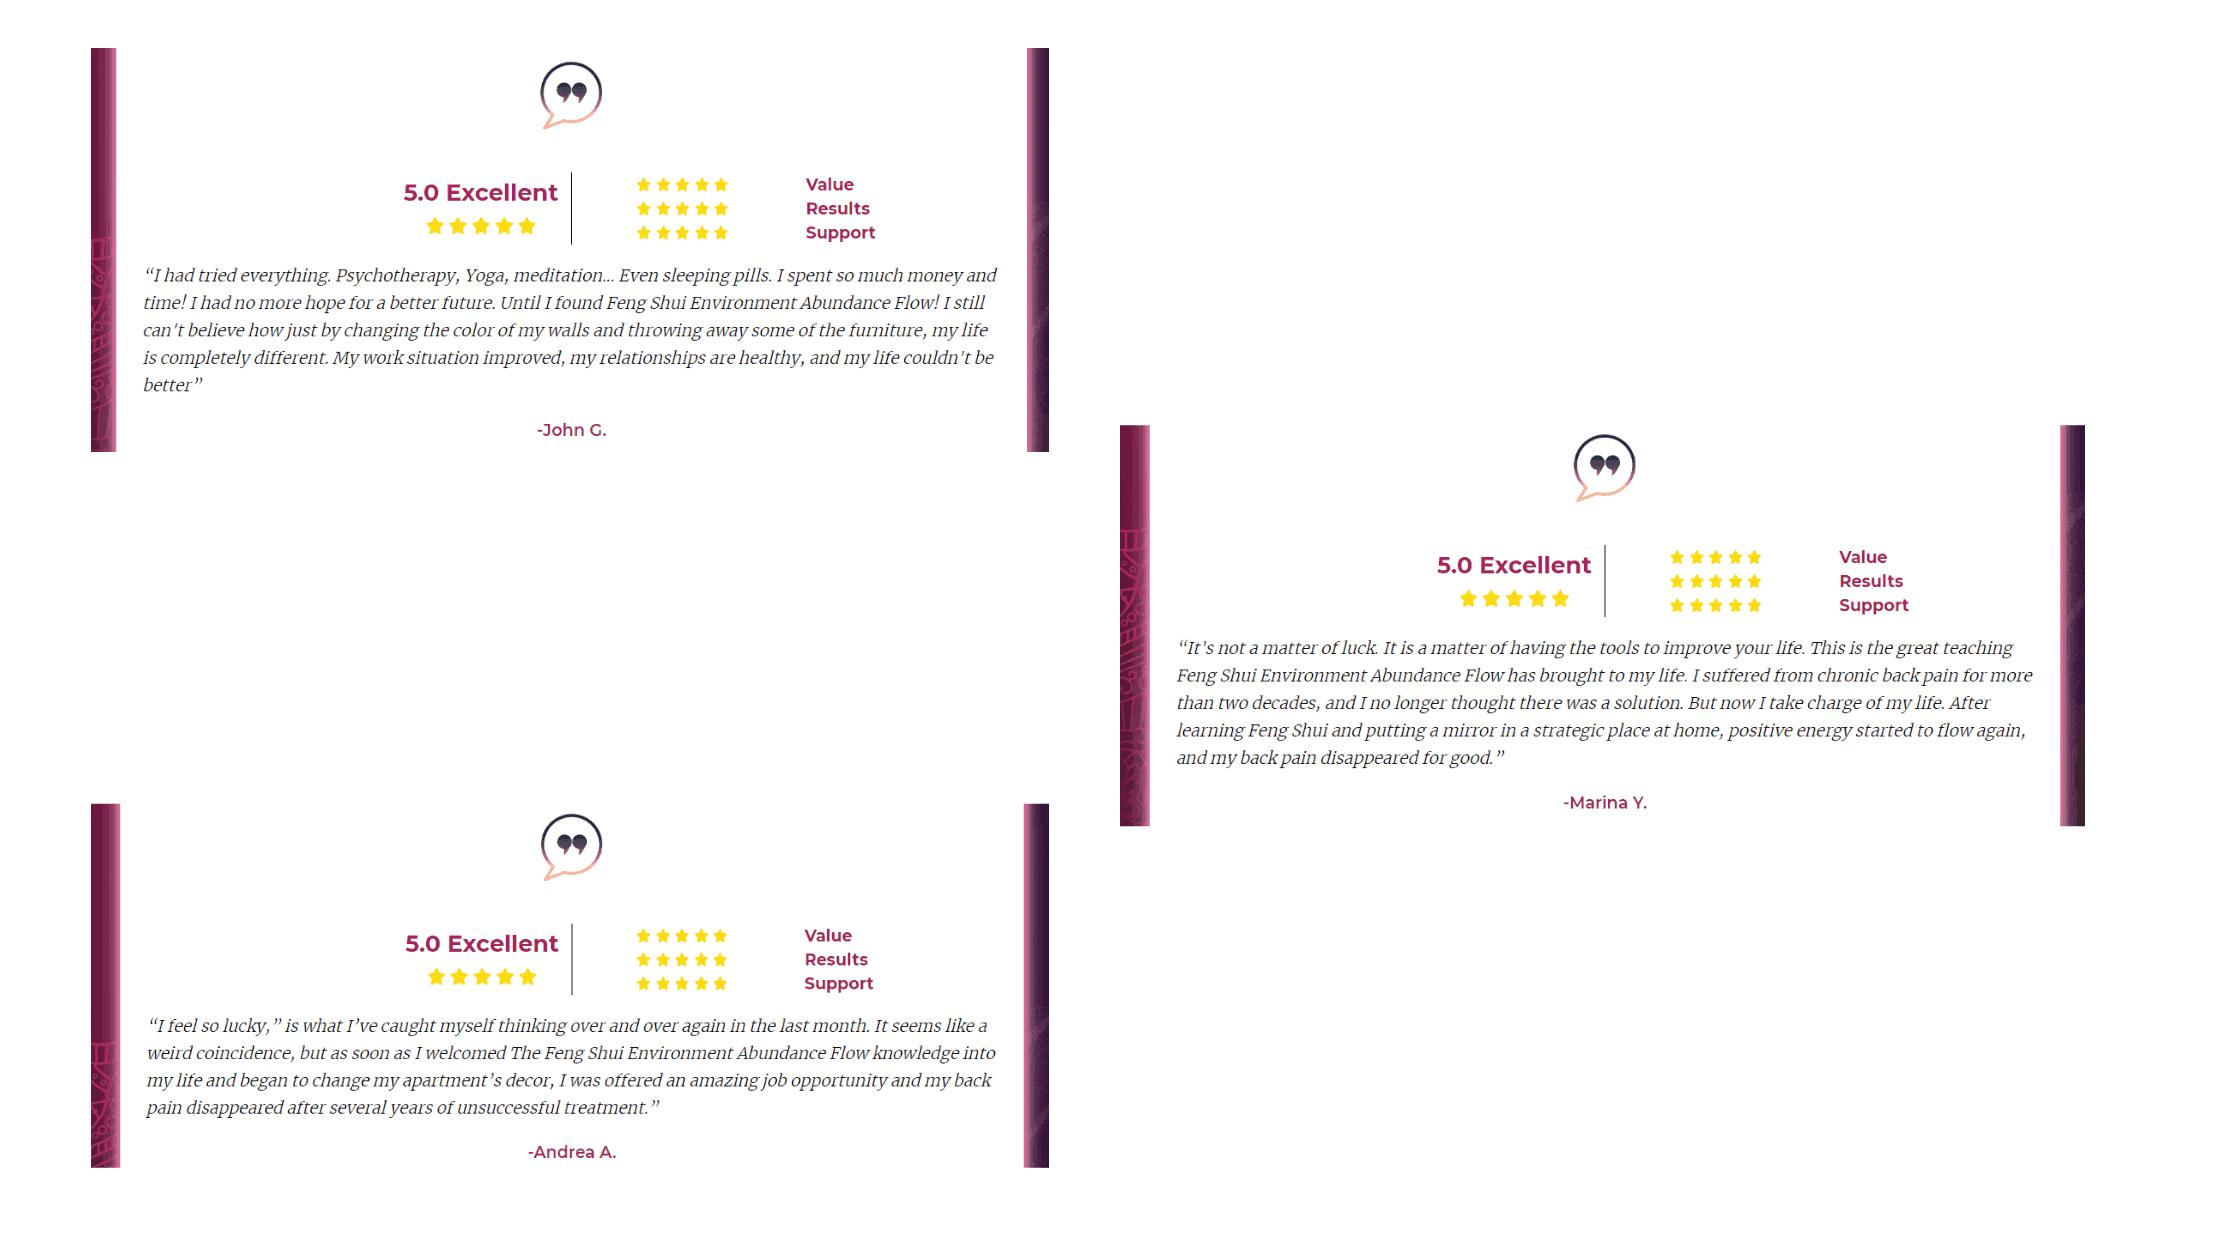 Feng Shui Environment Abundance Flow Customer Reviews